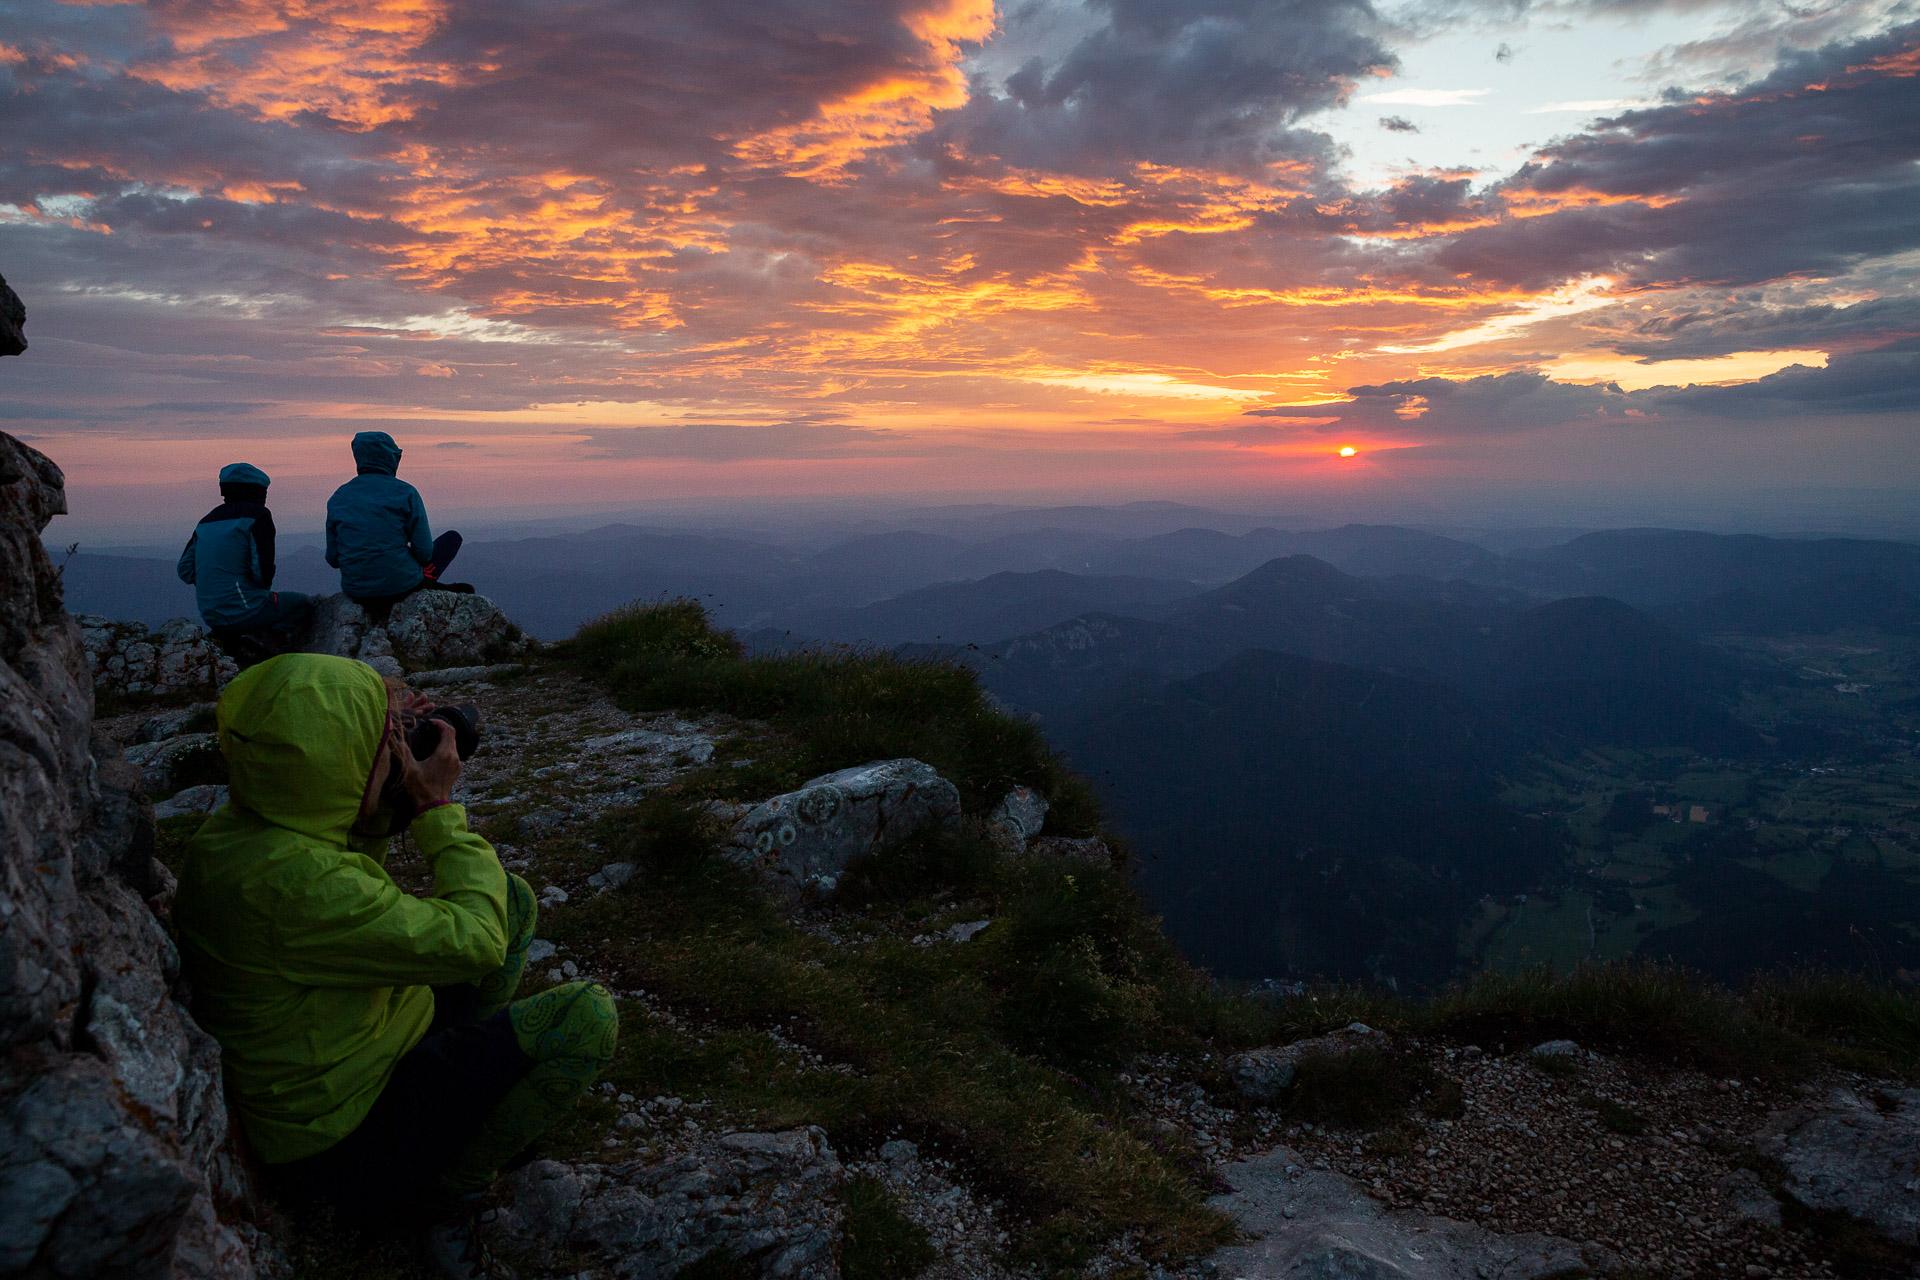 Fotoreisen & Fotokurse Bei unserem zweitägigen Fotokurs Berglichter und Hüttenzauber steht die imposante Landschaft des Berges mit seinen facettenreichen Naturmotiven und fantastischen Ausblicken bis hin ins tote Gebirge im Vordergrund.